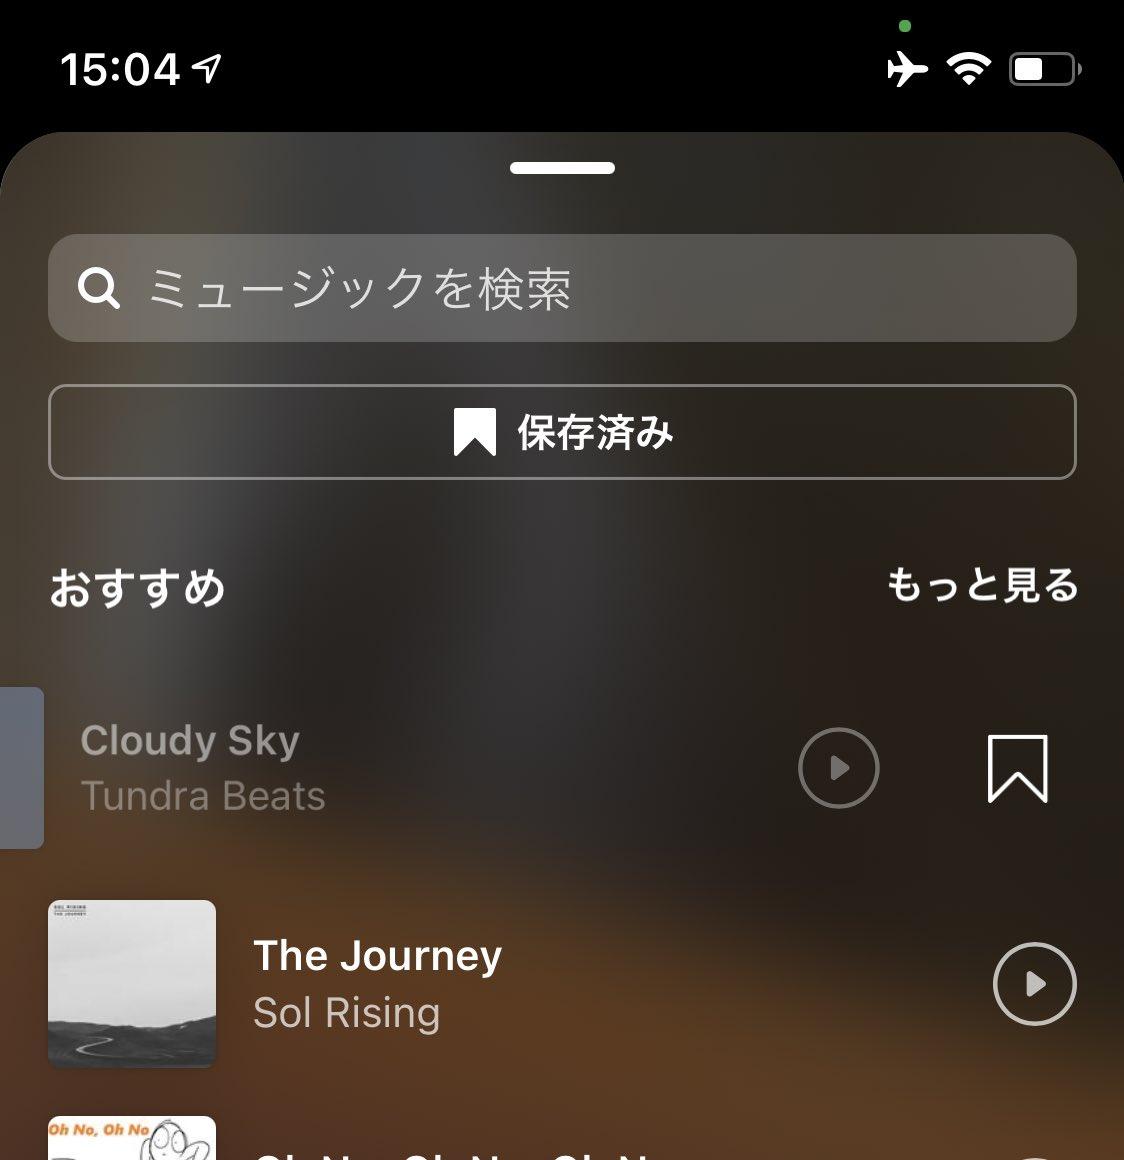 インスタリール スワイプで音楽をお気に入りへ追加可能に?「左にスワイプして音源を保存できます」Instagram新機能アップデート最新ニュース 2021年6月